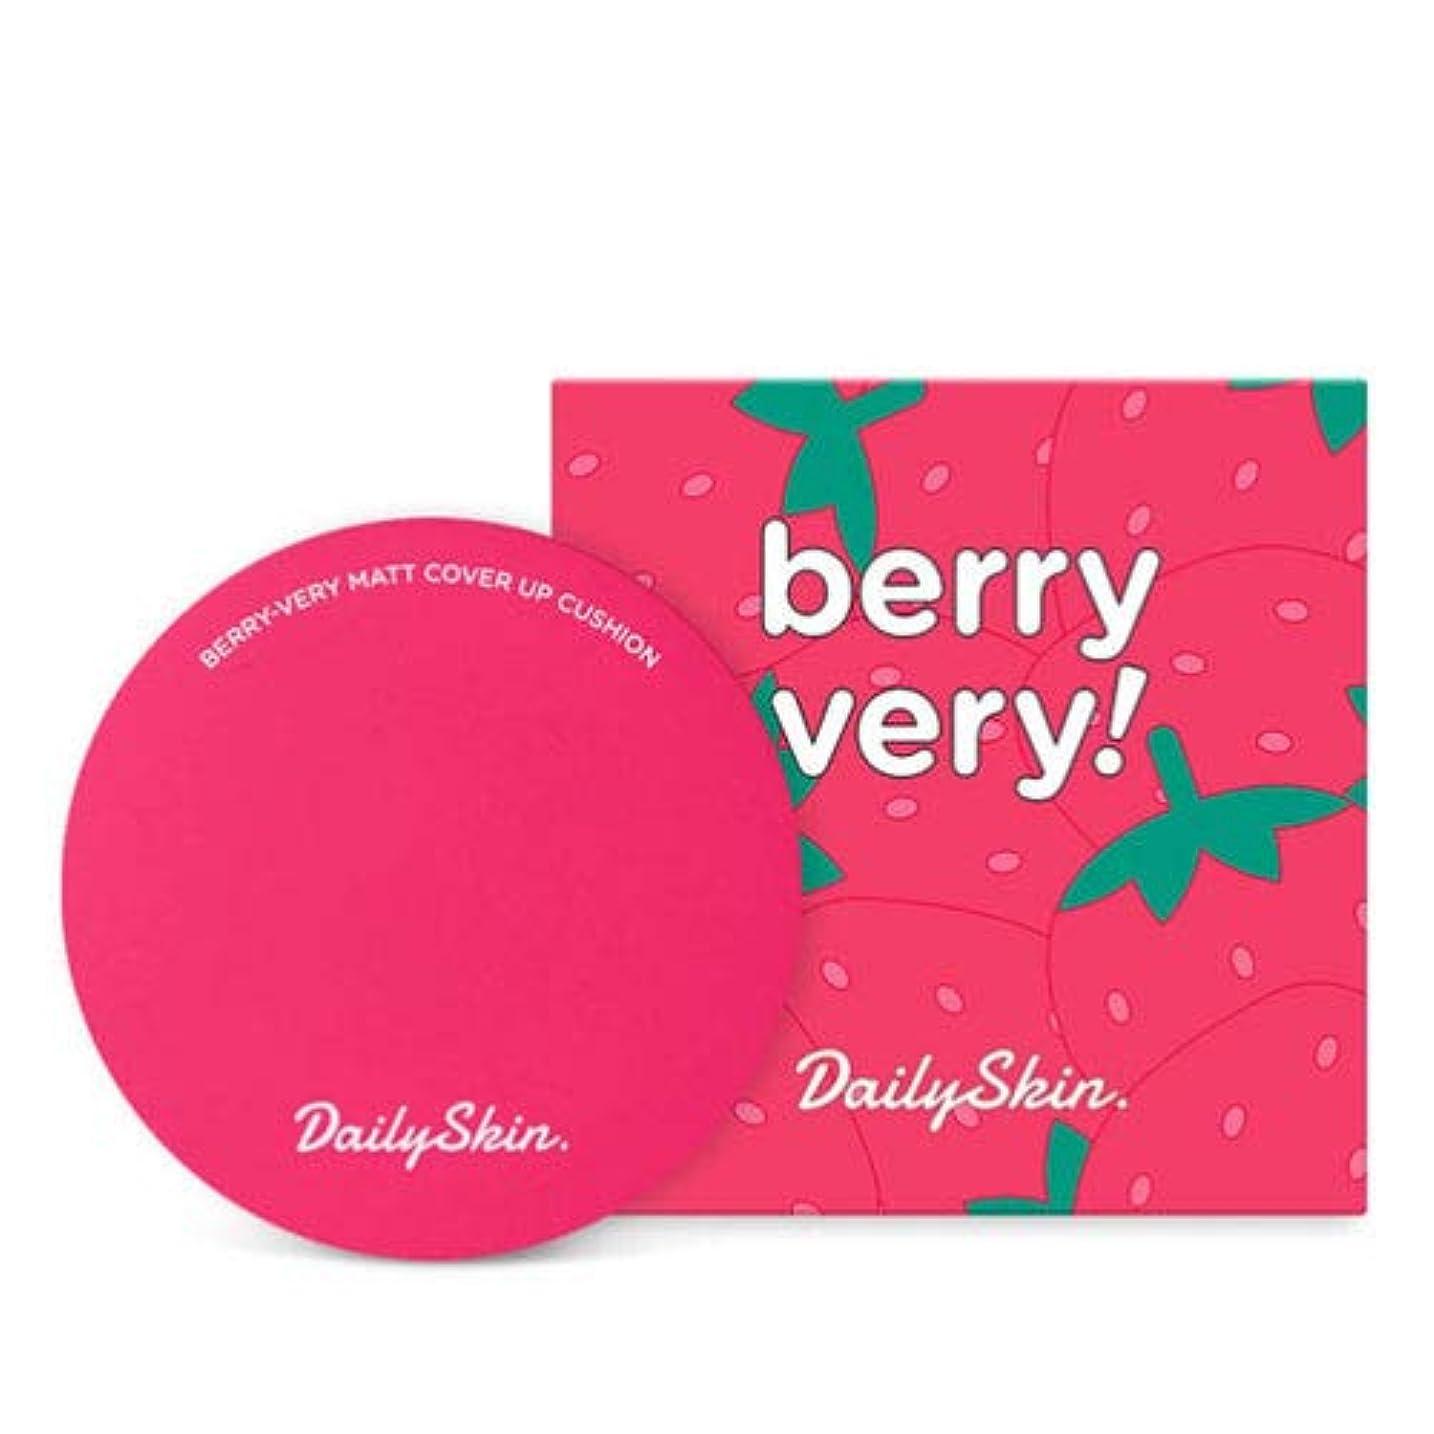 わざわざ敬意を表するパックDaily Skin Berry Very Matt Cover Up Cushion (No.23 Berry Natural) ]デイリースキン いちごマット カバー アップ クッション [並行輸入品]